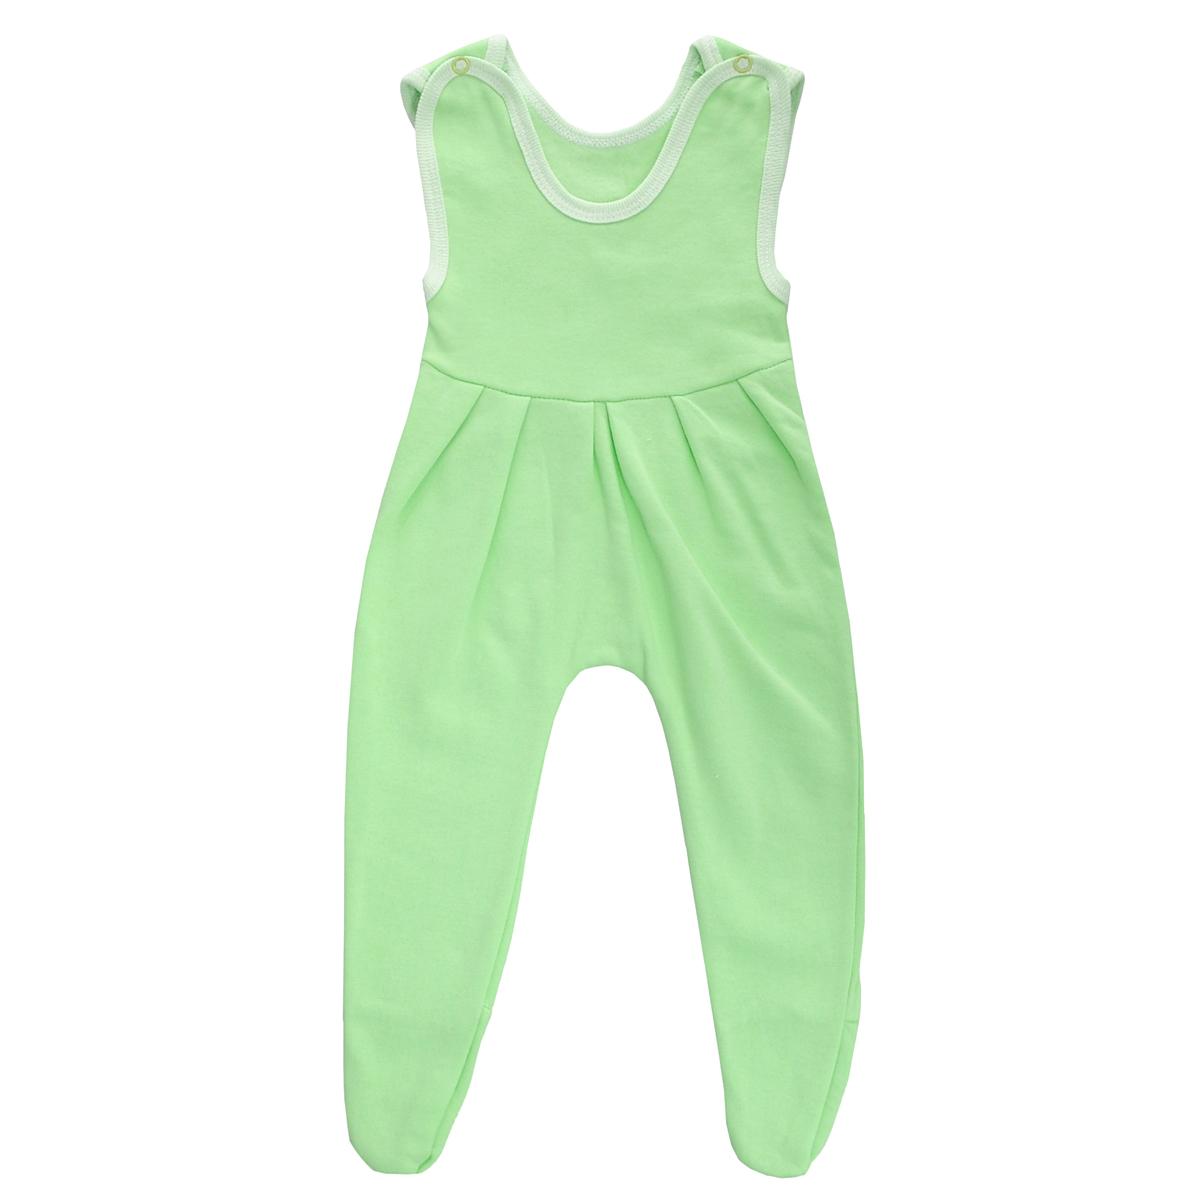 Ползунки с грудкой Трон-плюс, цвет: салатовый. 5221. Размер 62, 3 месяца5221Ползунки с грудкой Трон-плюс - очень удобный и практичный вид одежды для малышей. Ползунки выполнены из футера - натурального хлопка, благодаря чему они необычайно мягкие, тепленькие и приятные на ощупь, не раздражают нежную кожу ребенка и хорошо вентилируются, а эластичные швы приятны телу младенца и не препятствуют его движениям. Ползунки с закрытыми ножками, застегивающиеся сверху на две кнопочки, идеально подойдут вашему ребенку, обеспечивая ему наибольший комфорт, подходят для ношения с подгузником и без него. От линии груди заложены складочки, придающие изделию оригинальность.Ползунки с грудкой полностью соответствуют особенностям жизни младенца в ранний период, не стесняя и не ограничивая его в движениях!